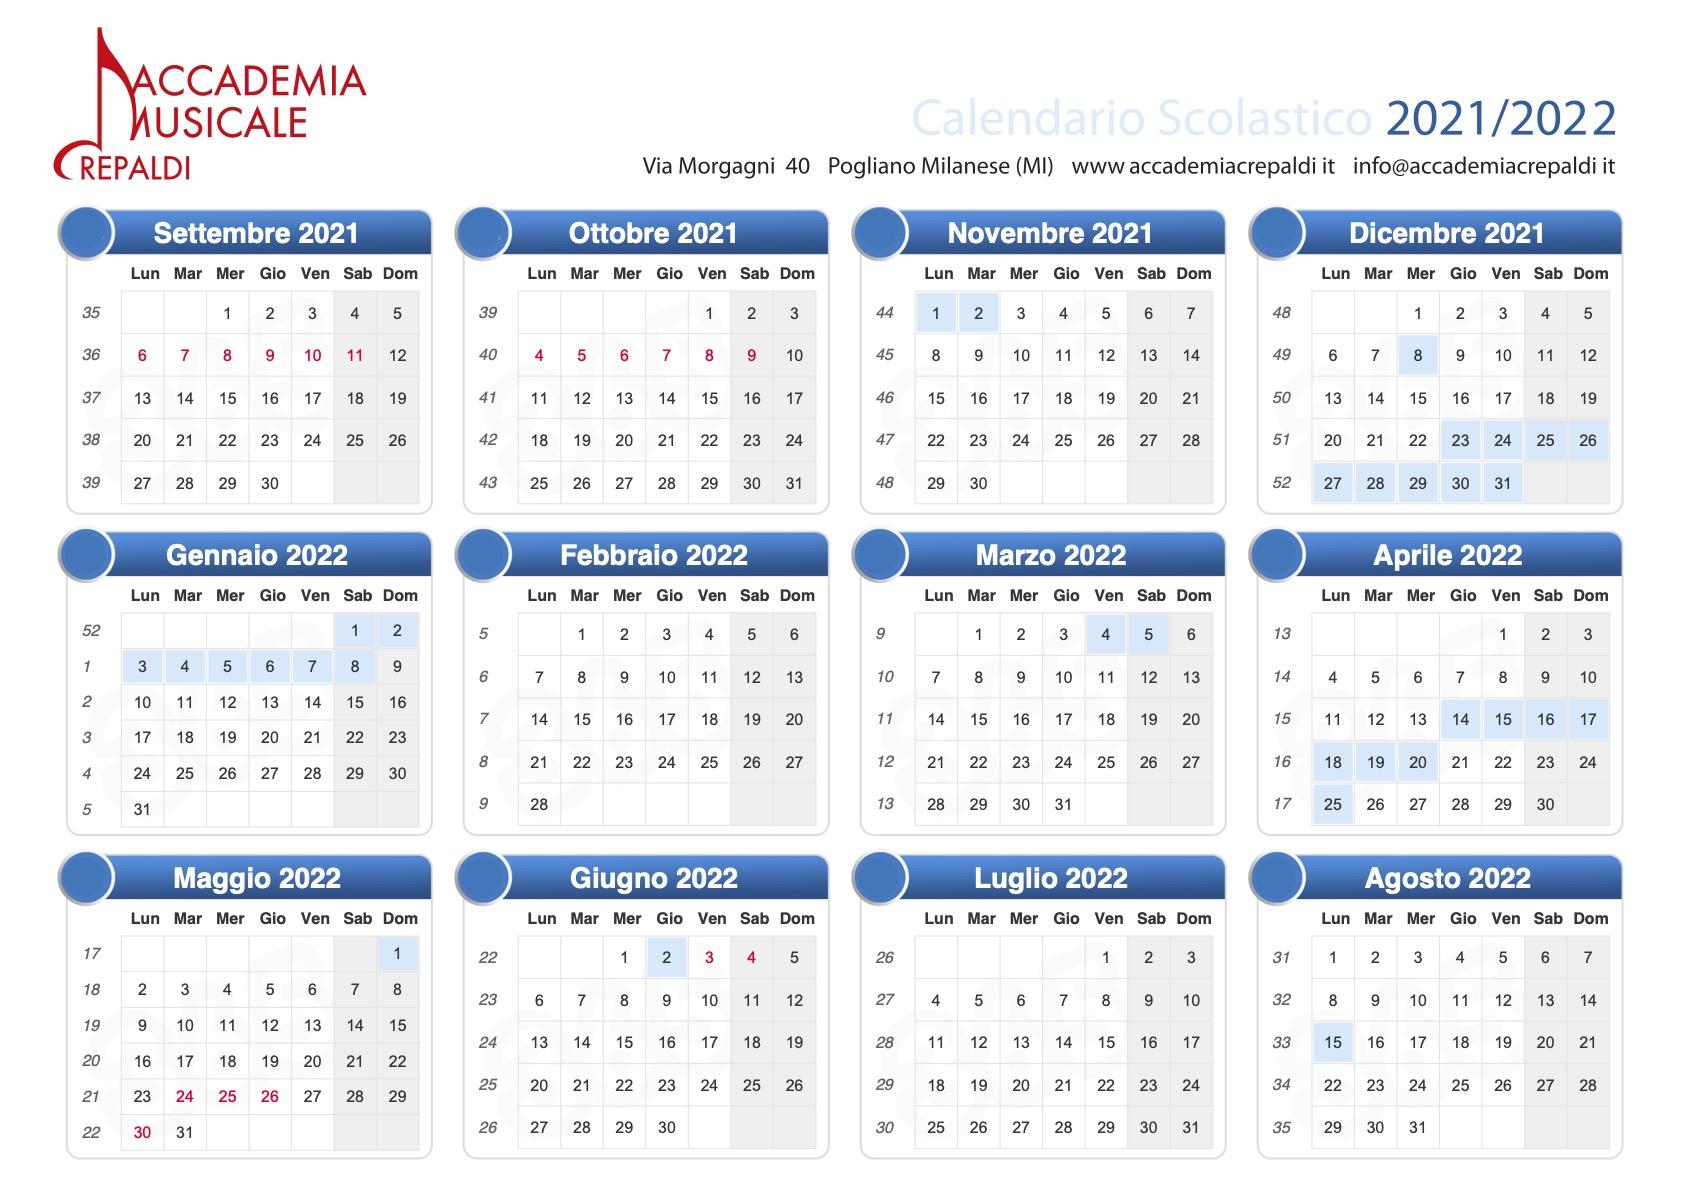 Accademia Musicale Crepaldi - Calendario scolastico 21/22